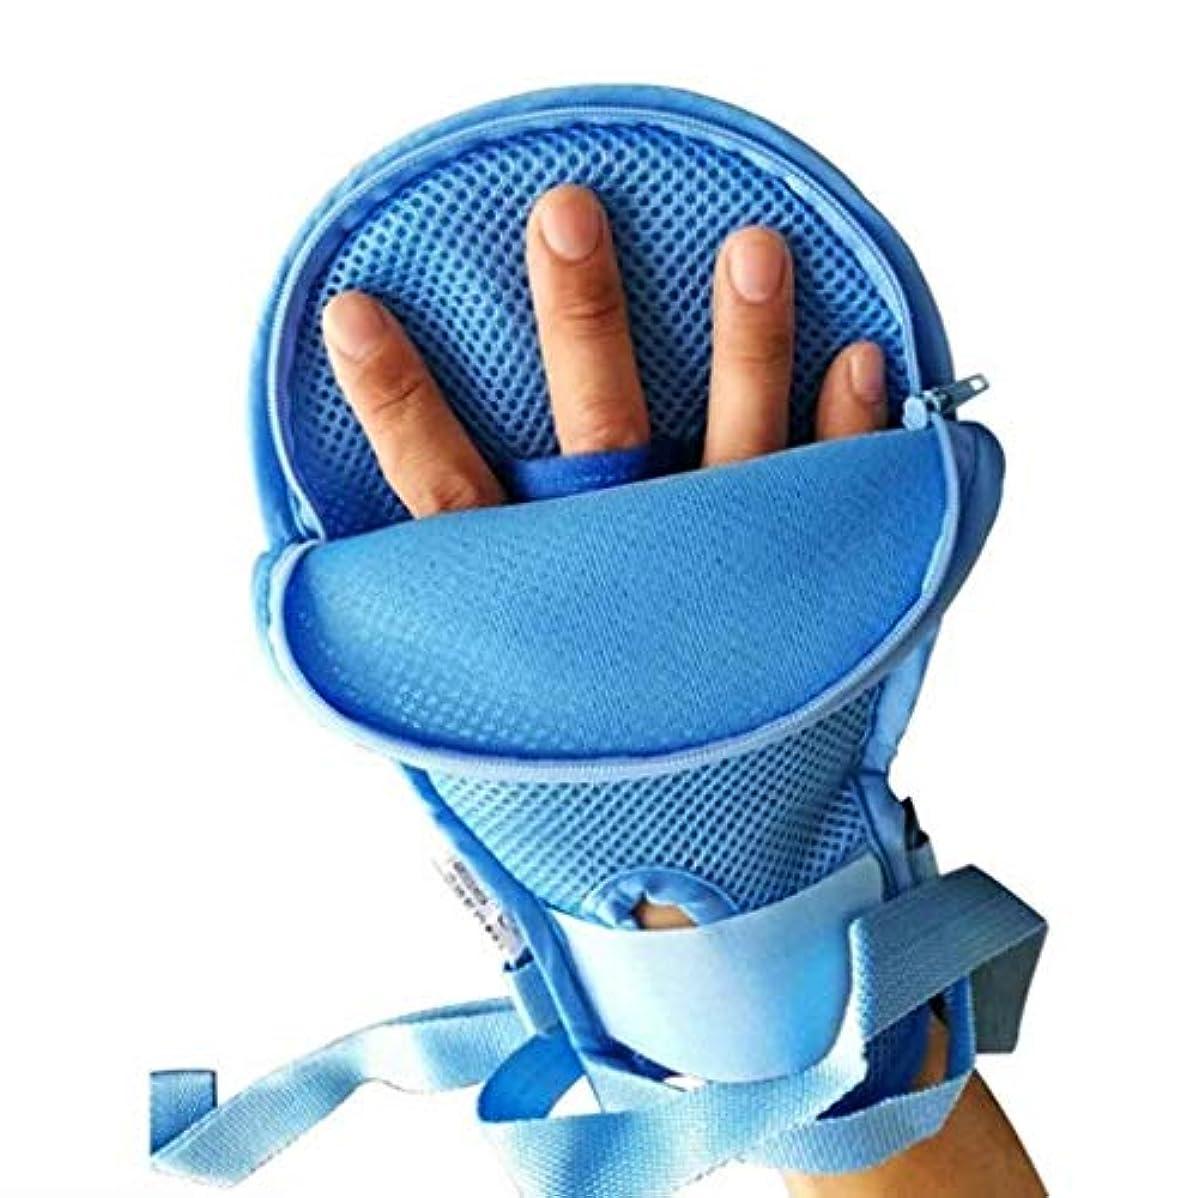 もっと装置誤解する認知症用手袋安全手袋、病院用医療用手袋、予防患者の自己傷害 (Color : Single pack)